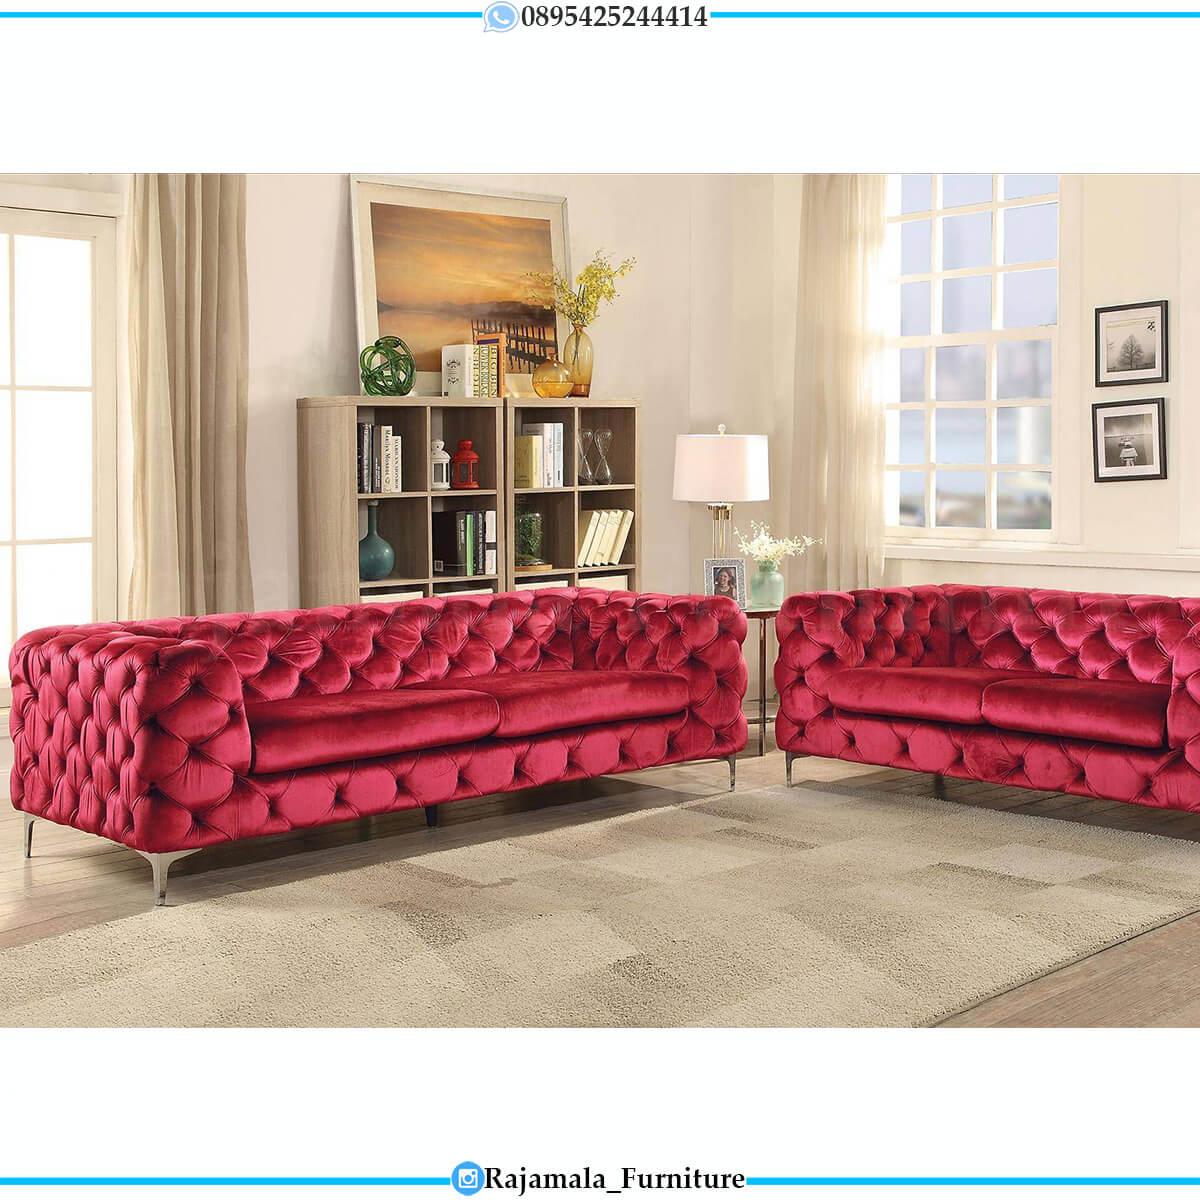 Desain Sofa Tamu Minimalis Jepara Elegant Simple Set RM-0613